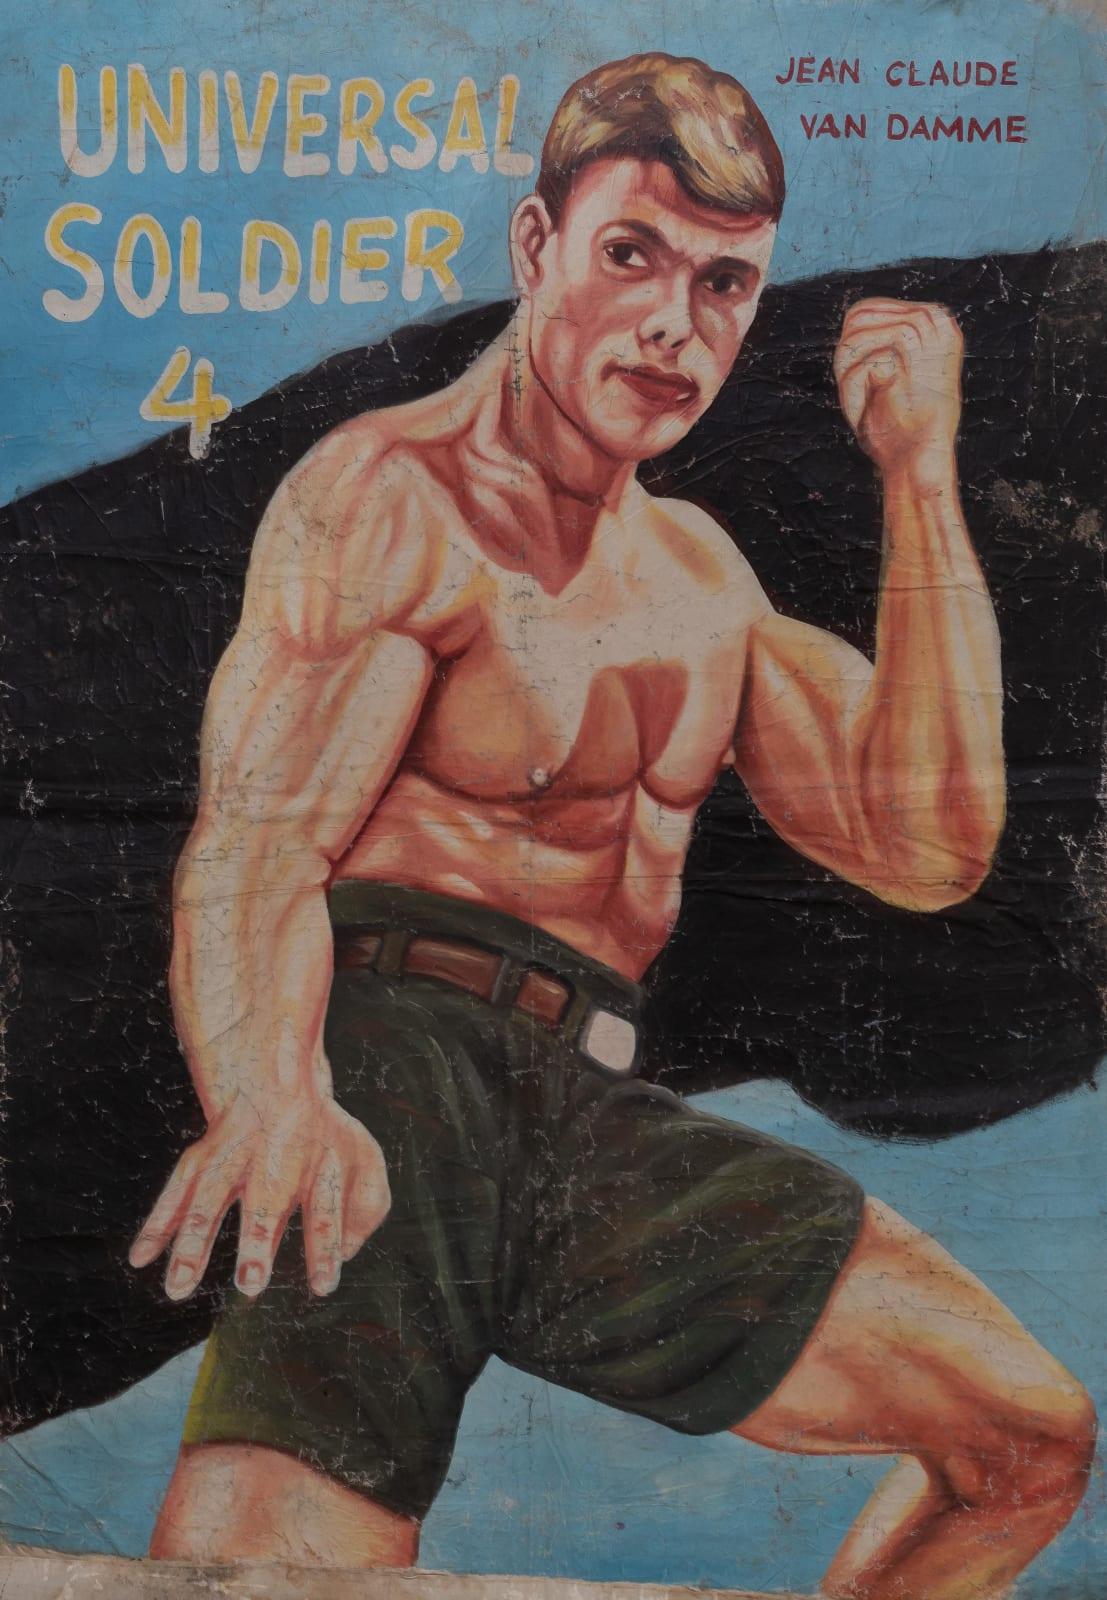 Universal Soldier 4 148 x 106 cm